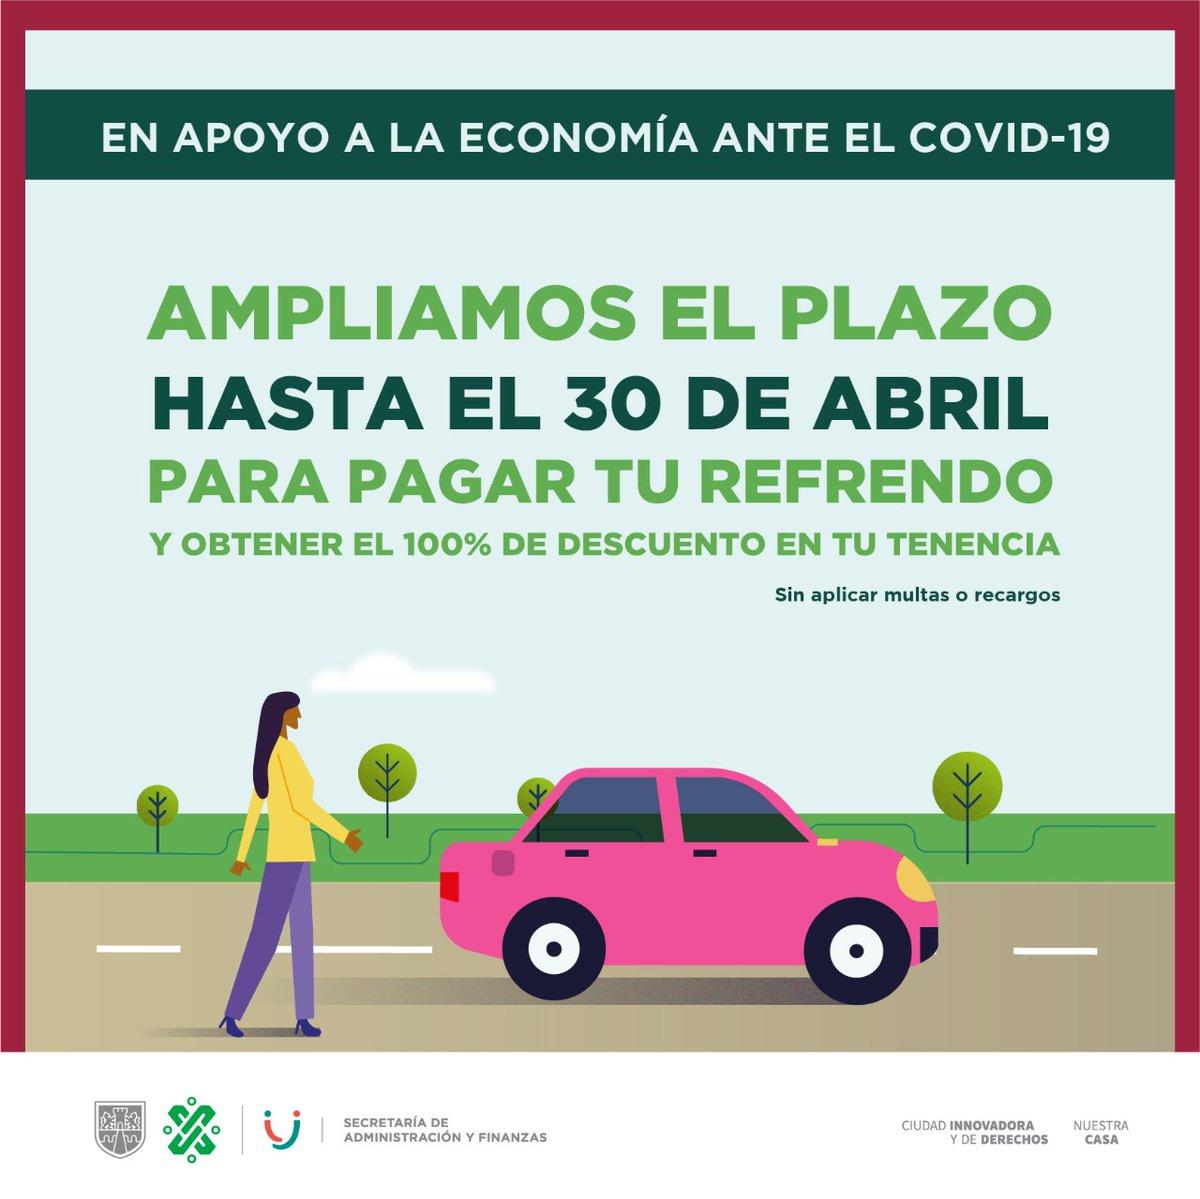 En apoyo a la economía de las familias capitalinas frente al #COVID19 ampliamos el plazo para pagar tu refrendo hasta el 30 de abril, manteniendo el descuento del 100% en tu #Tenencia2020.   Recuerda que puedes realizar el pago en línea   #QuédateEnCasaCDMX